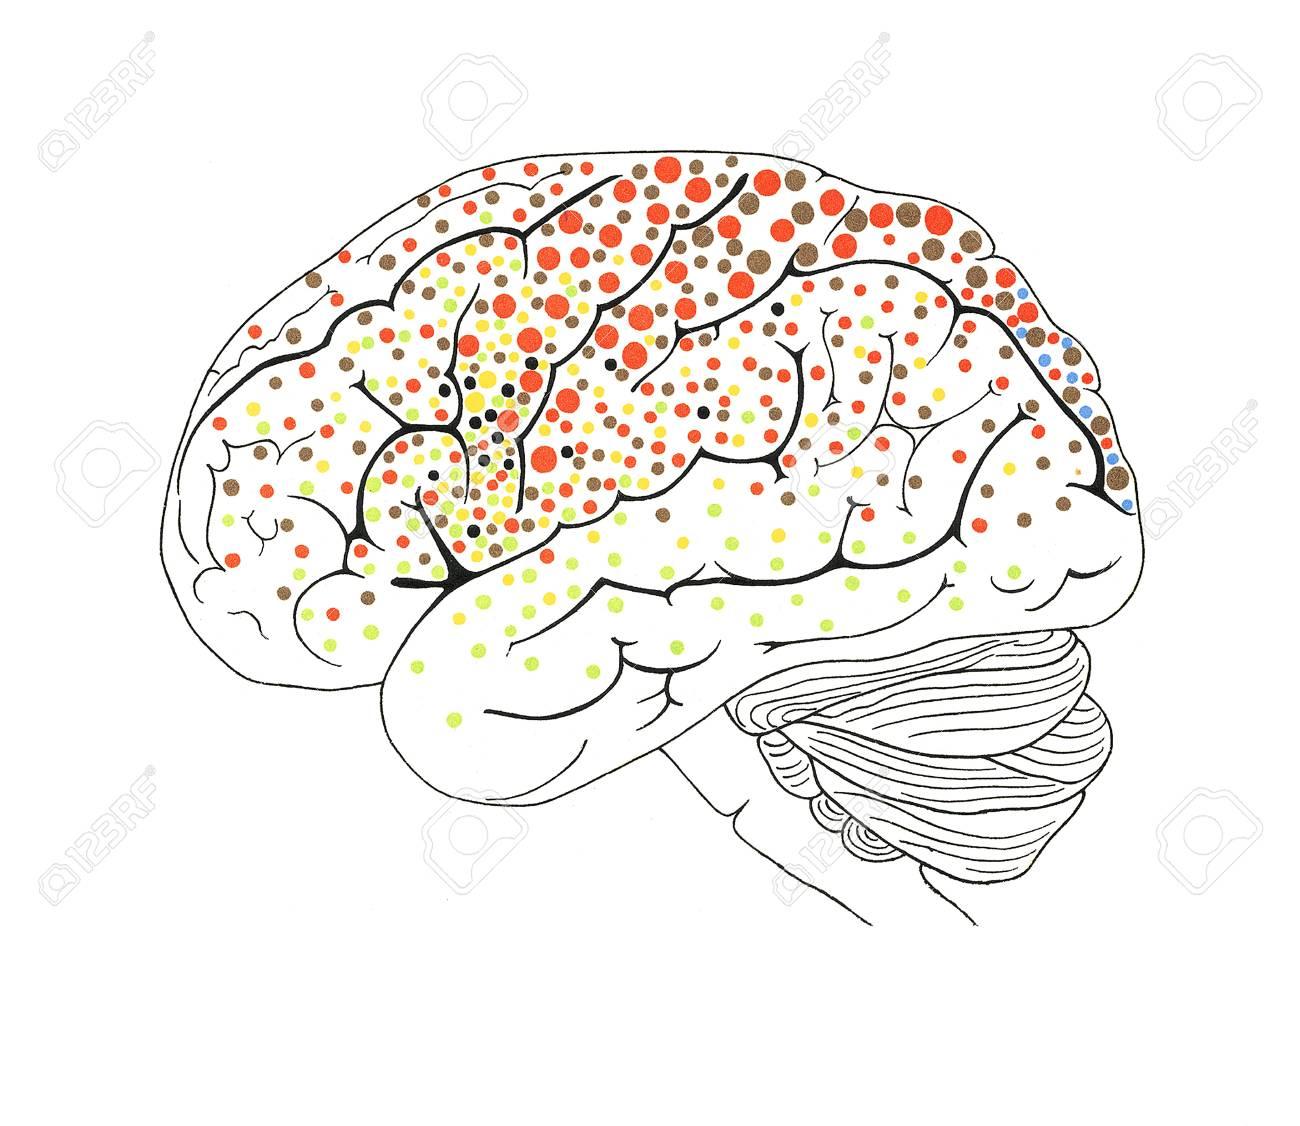 La Anatomía Del Cerebro, Obras De Arte Fotos, Retratos, Imágenes Y ...